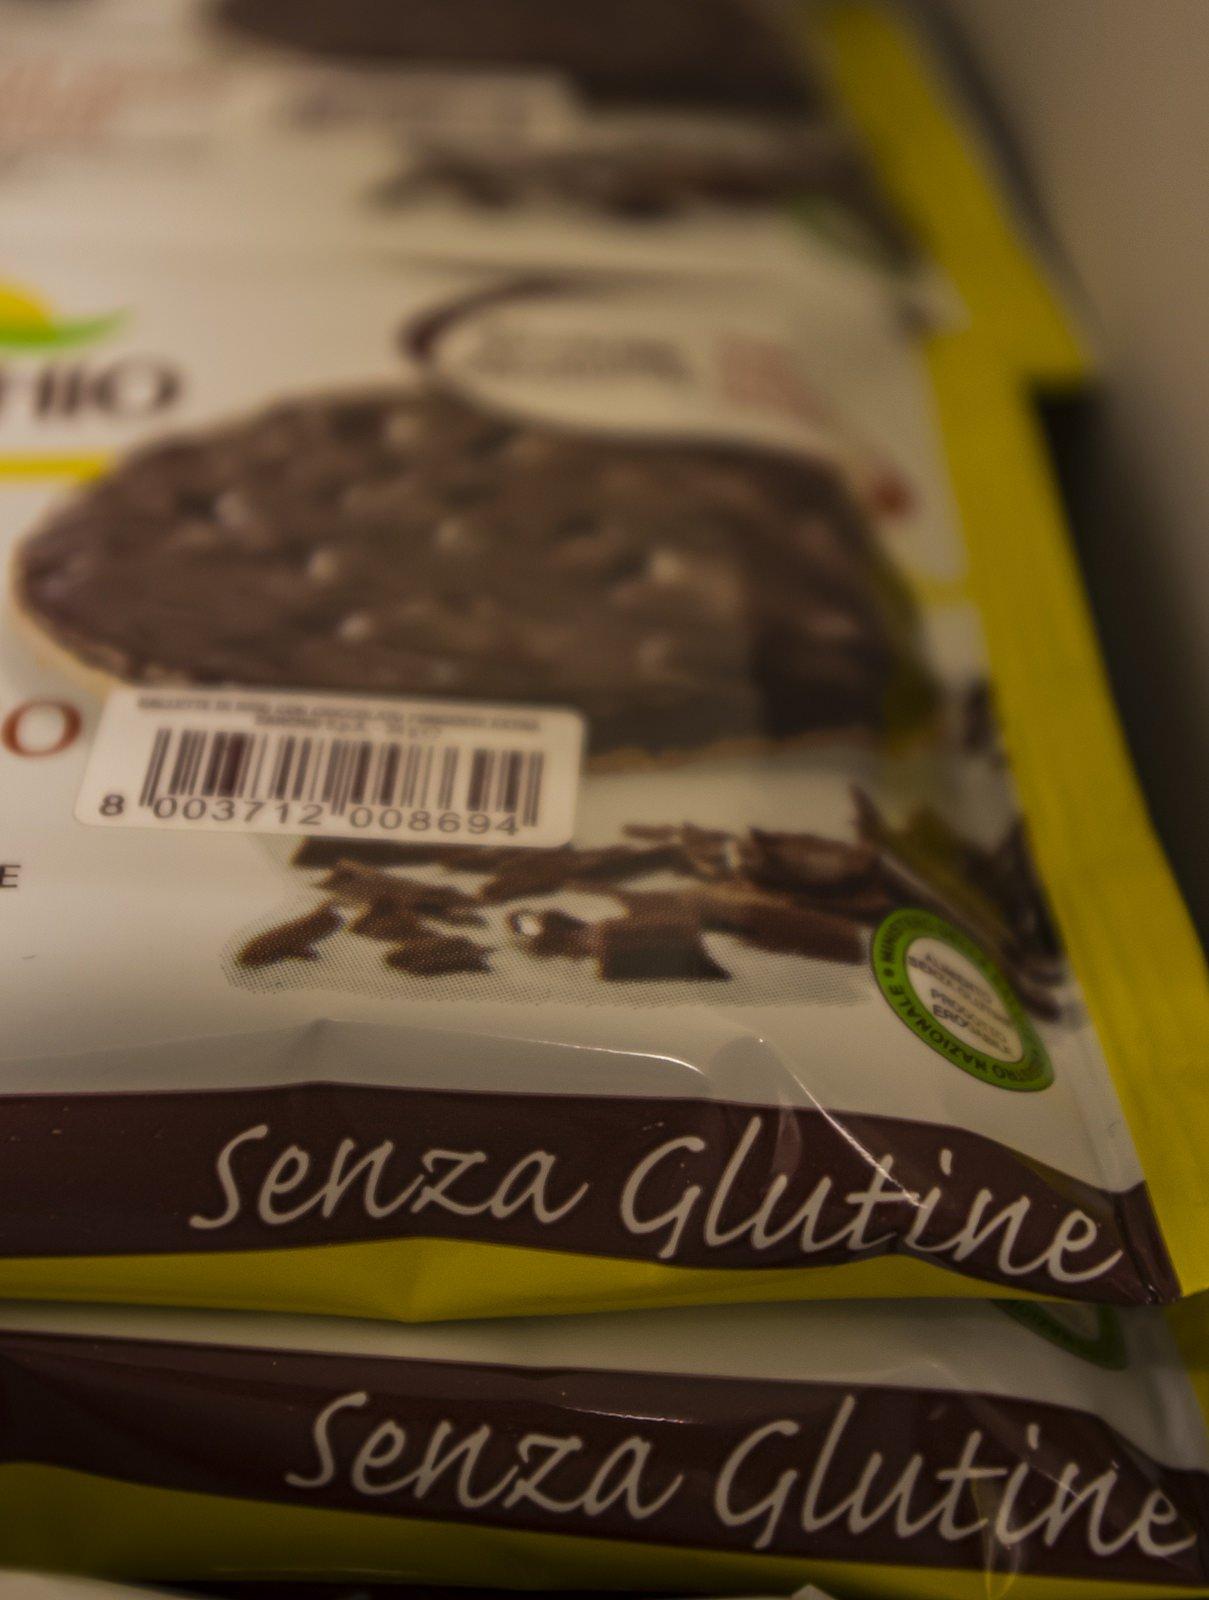 vista ravvicinata di una confezione con scritto senza Glutine